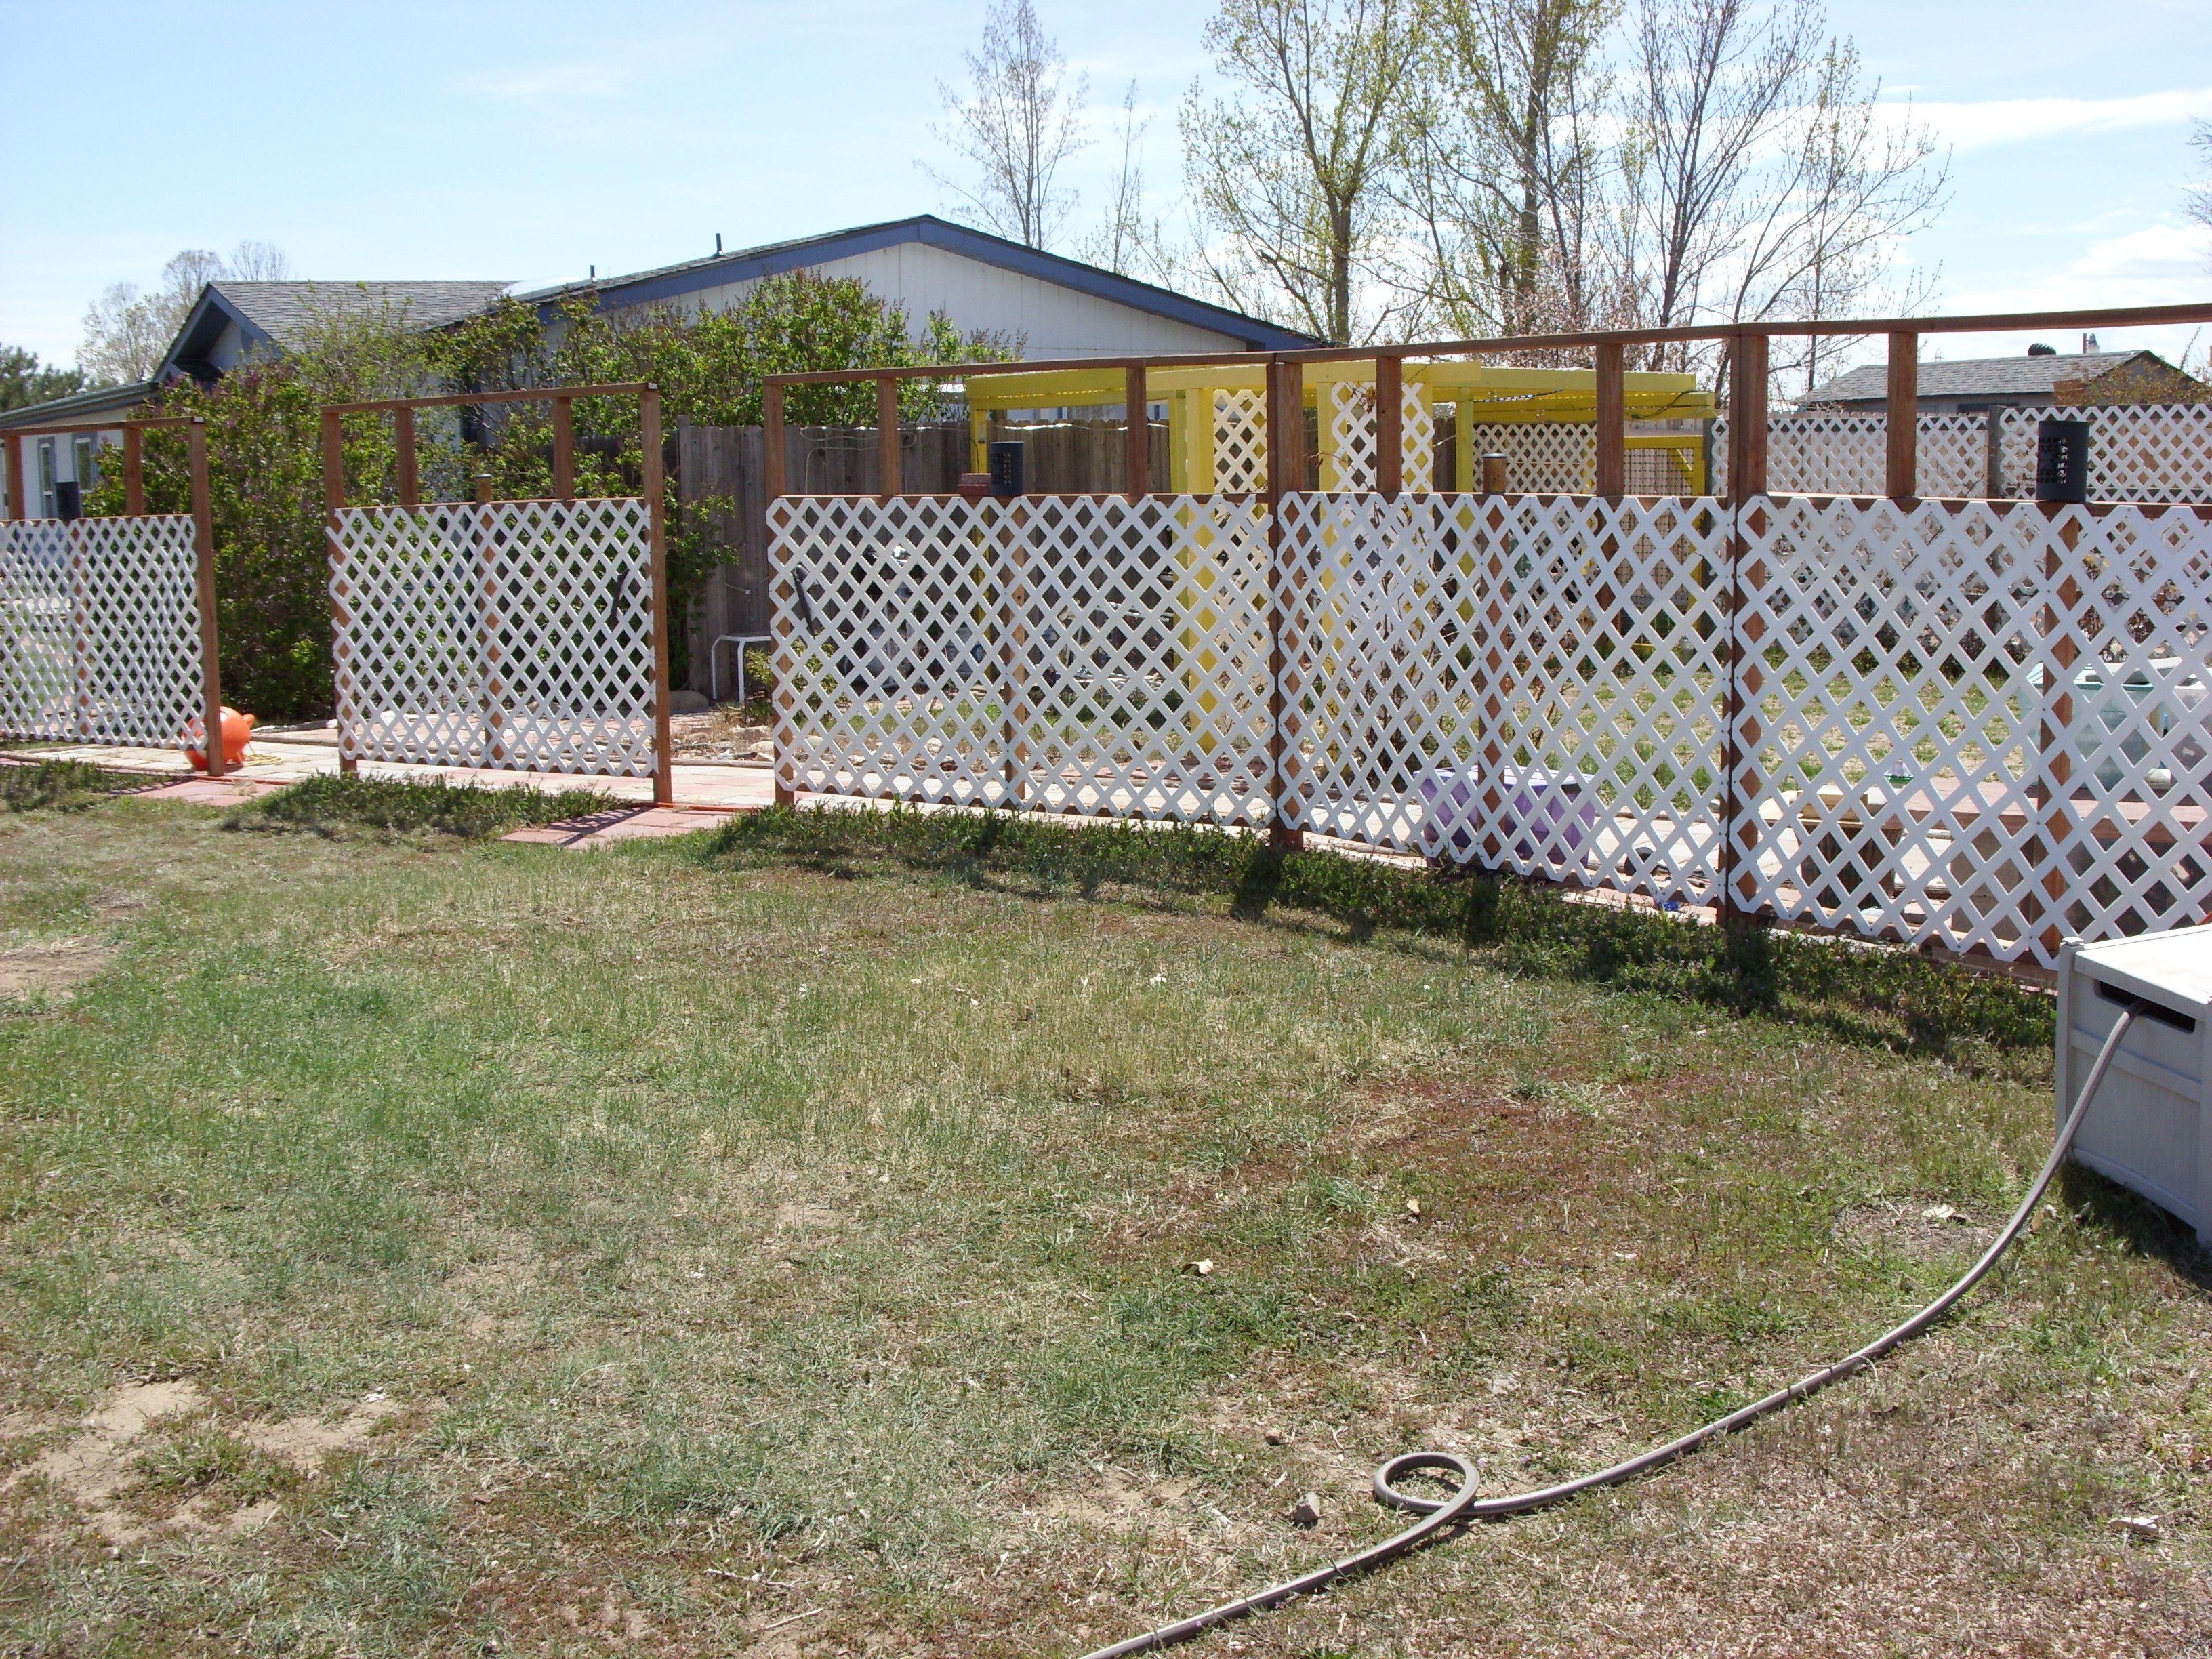 Garden decor trellis  Simple lattice fence  Outdoor Decor  Pinterest  Lattice fence